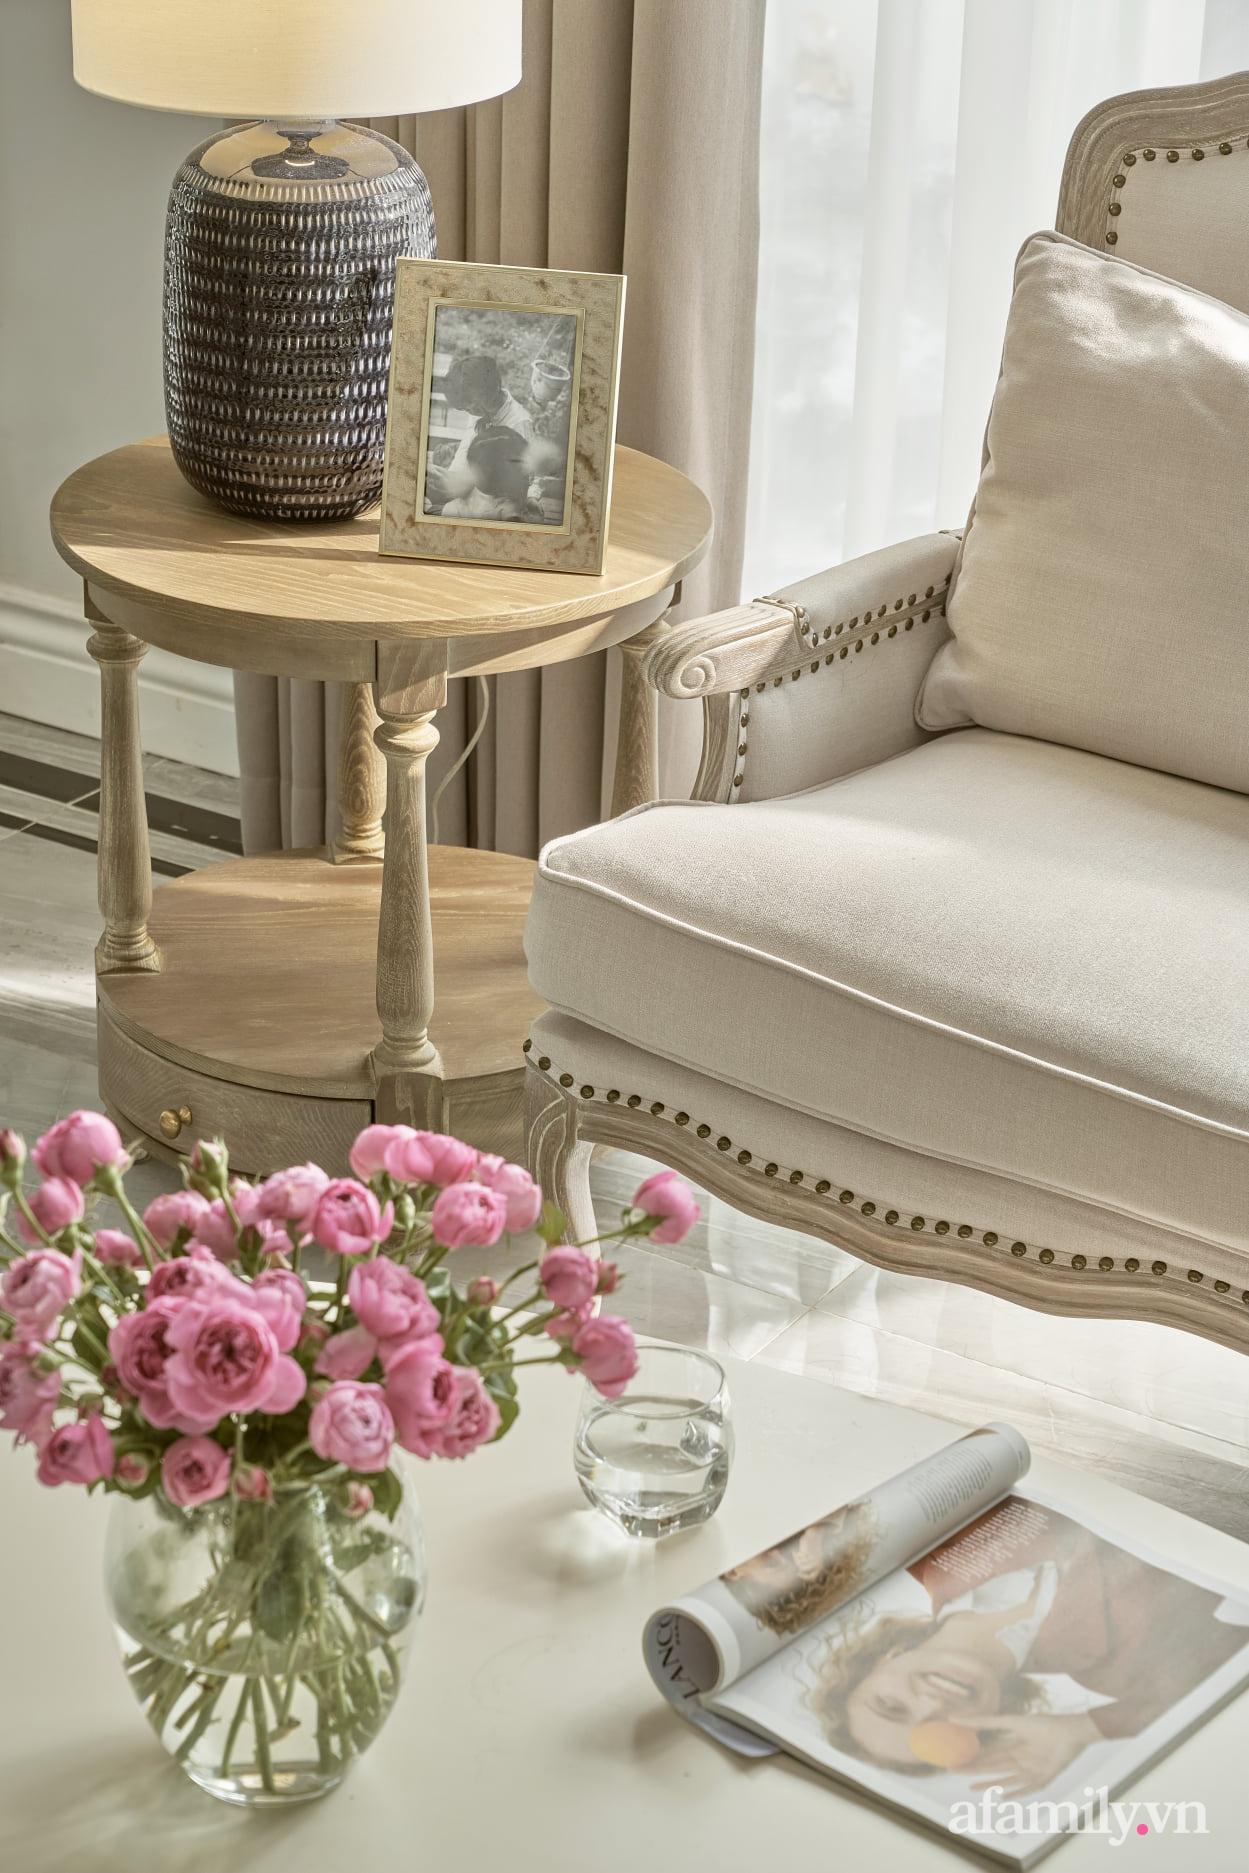 Nhà phố 3 tầng đẹp sang trọng với nội thất cực chất theo phong cách Traditional ở Hà Nội - Ảnh 10.